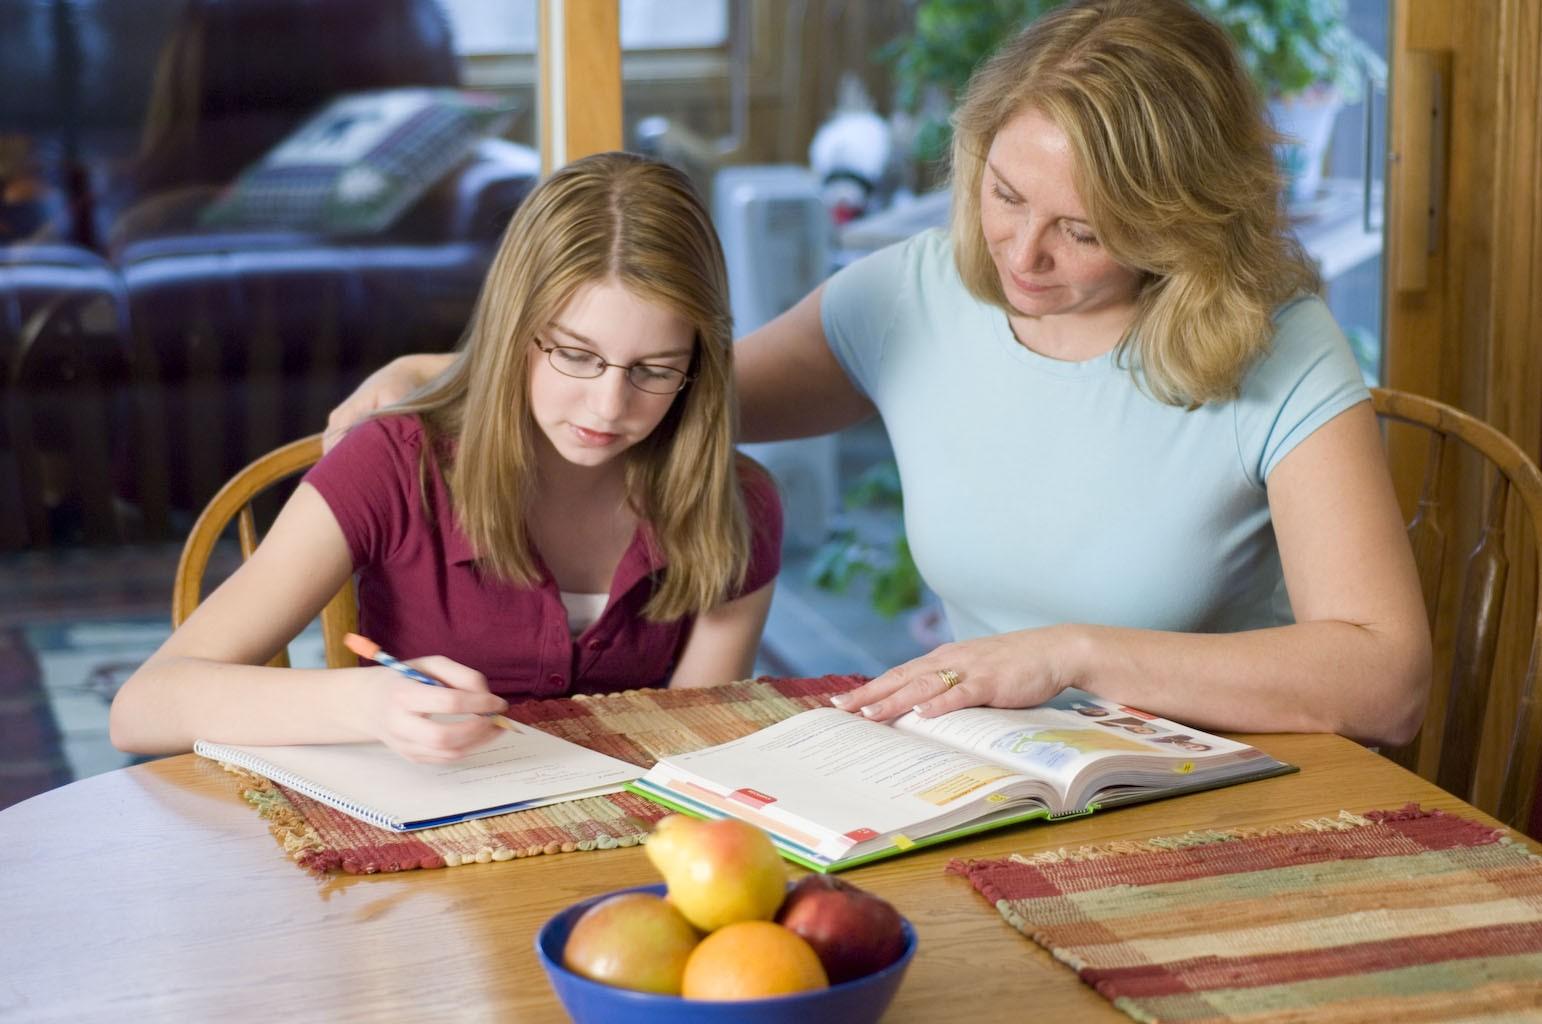 prepárese para la educación en el hogar de su hijo